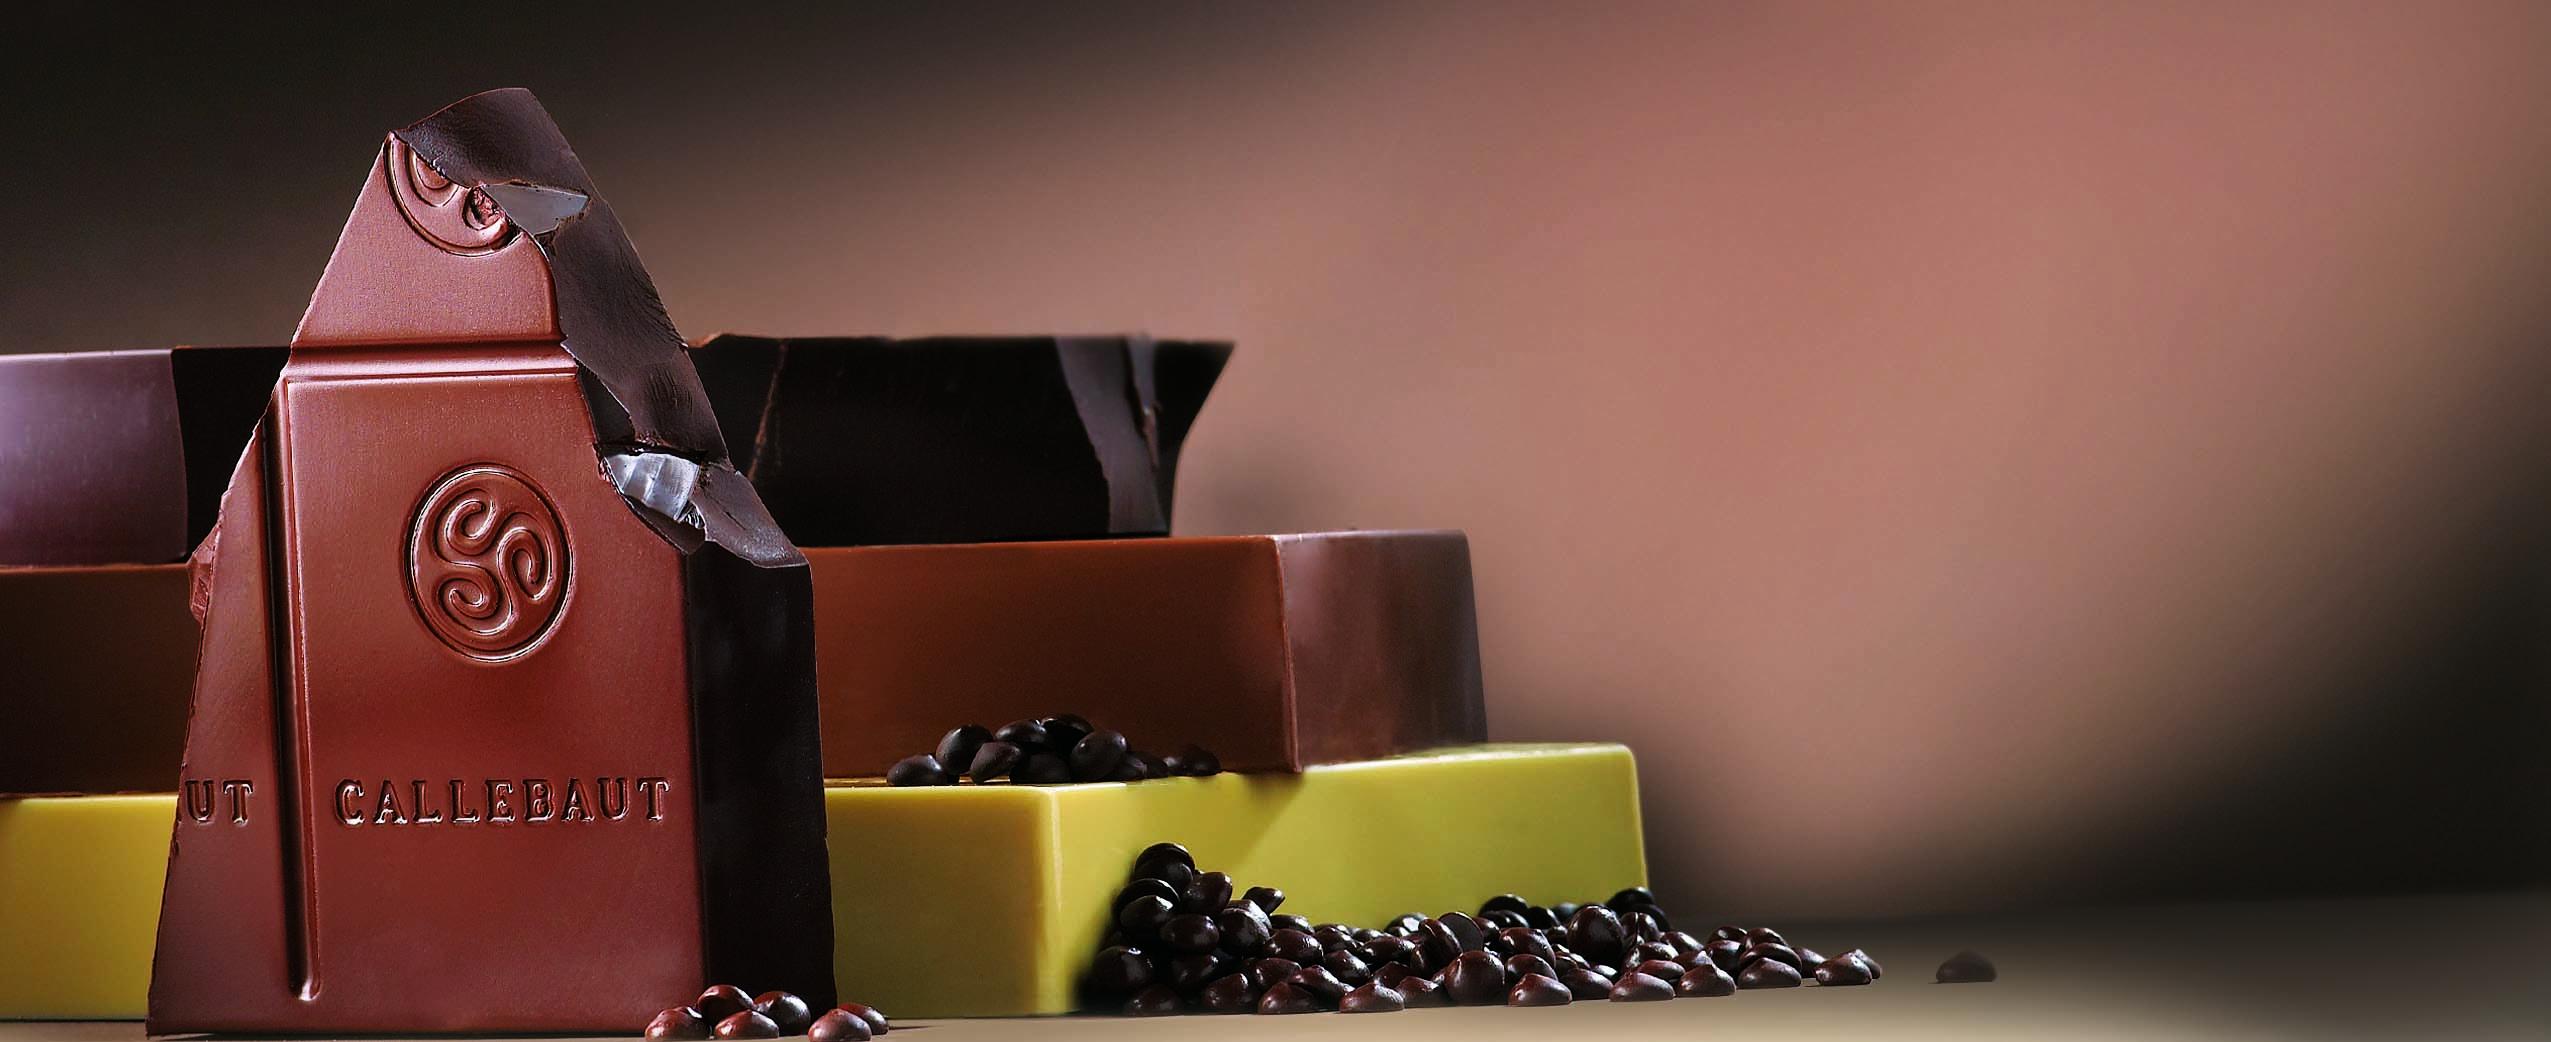 Callebaut 32.7% Premium Milk Chocolate Block  #845